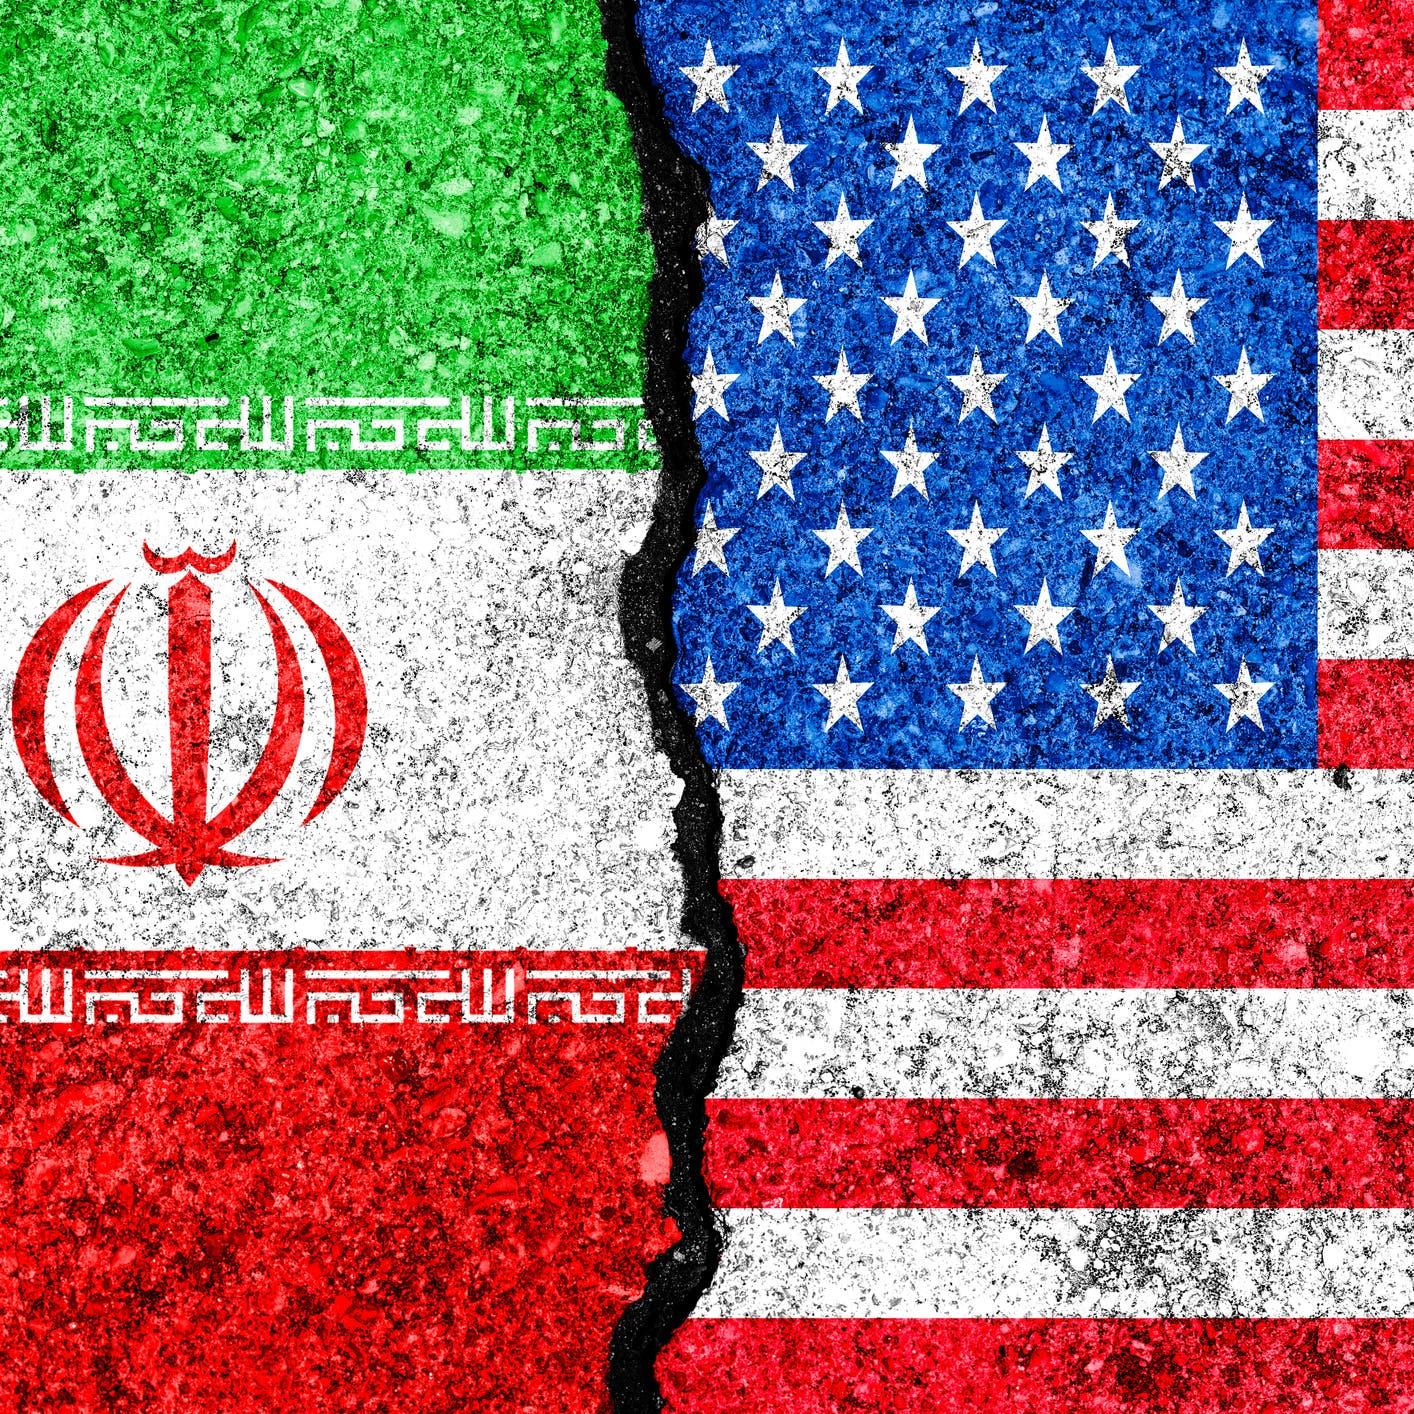 رسالة من 38 ناشطاً بإيران لبايدن: لا تهادن النظام وادعم التغيير